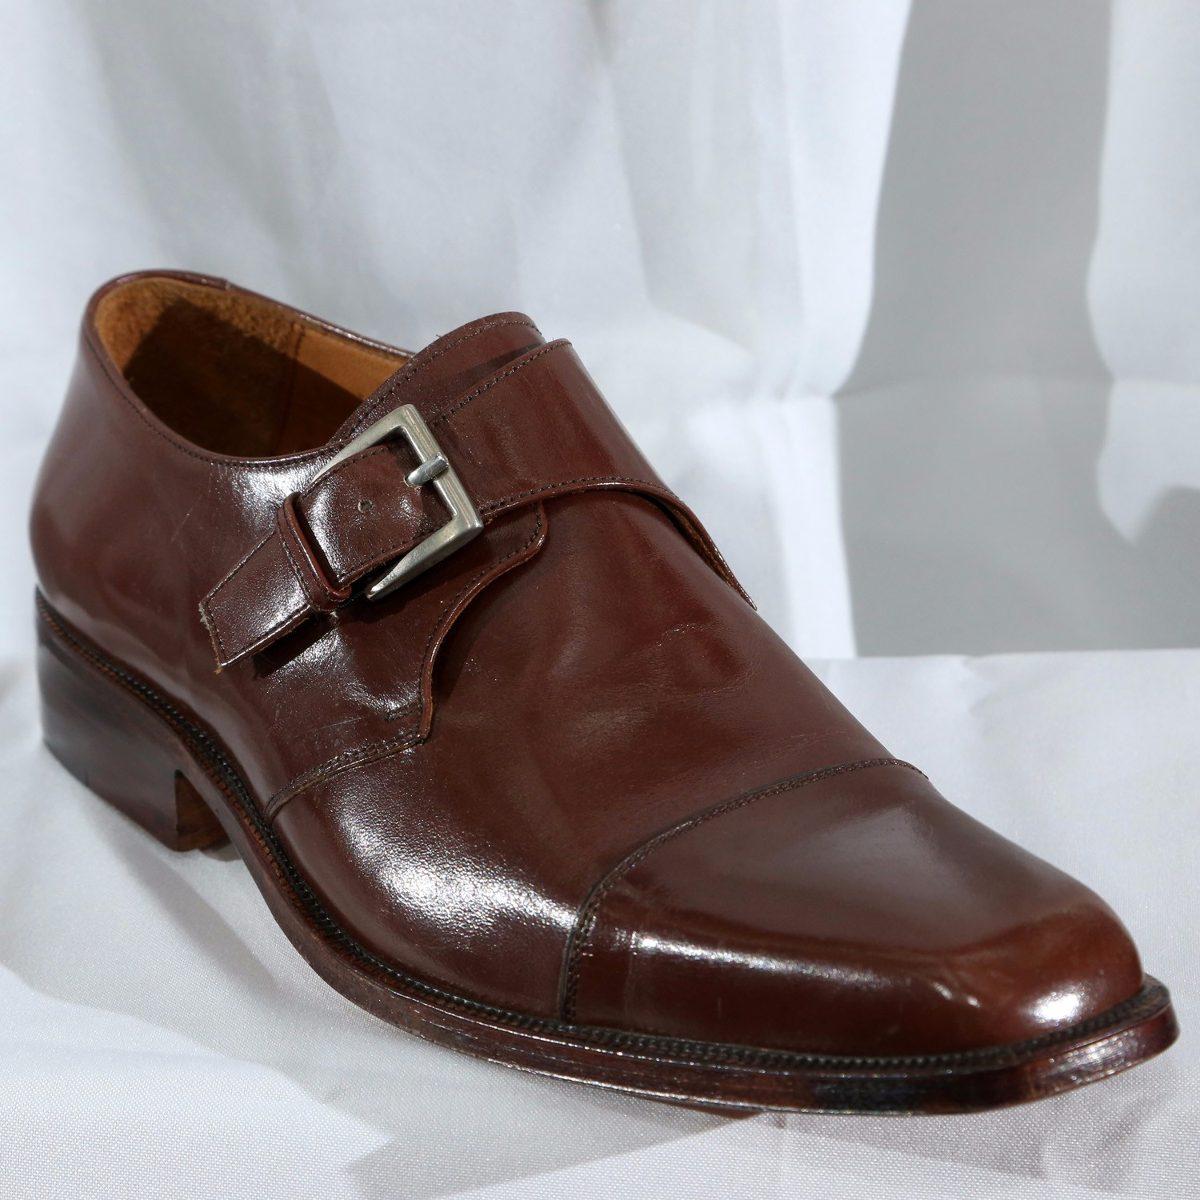 39b61578 Zapato Vestir Hombre Cuero Marrón - Talle 41 Y 42 Solamente ...